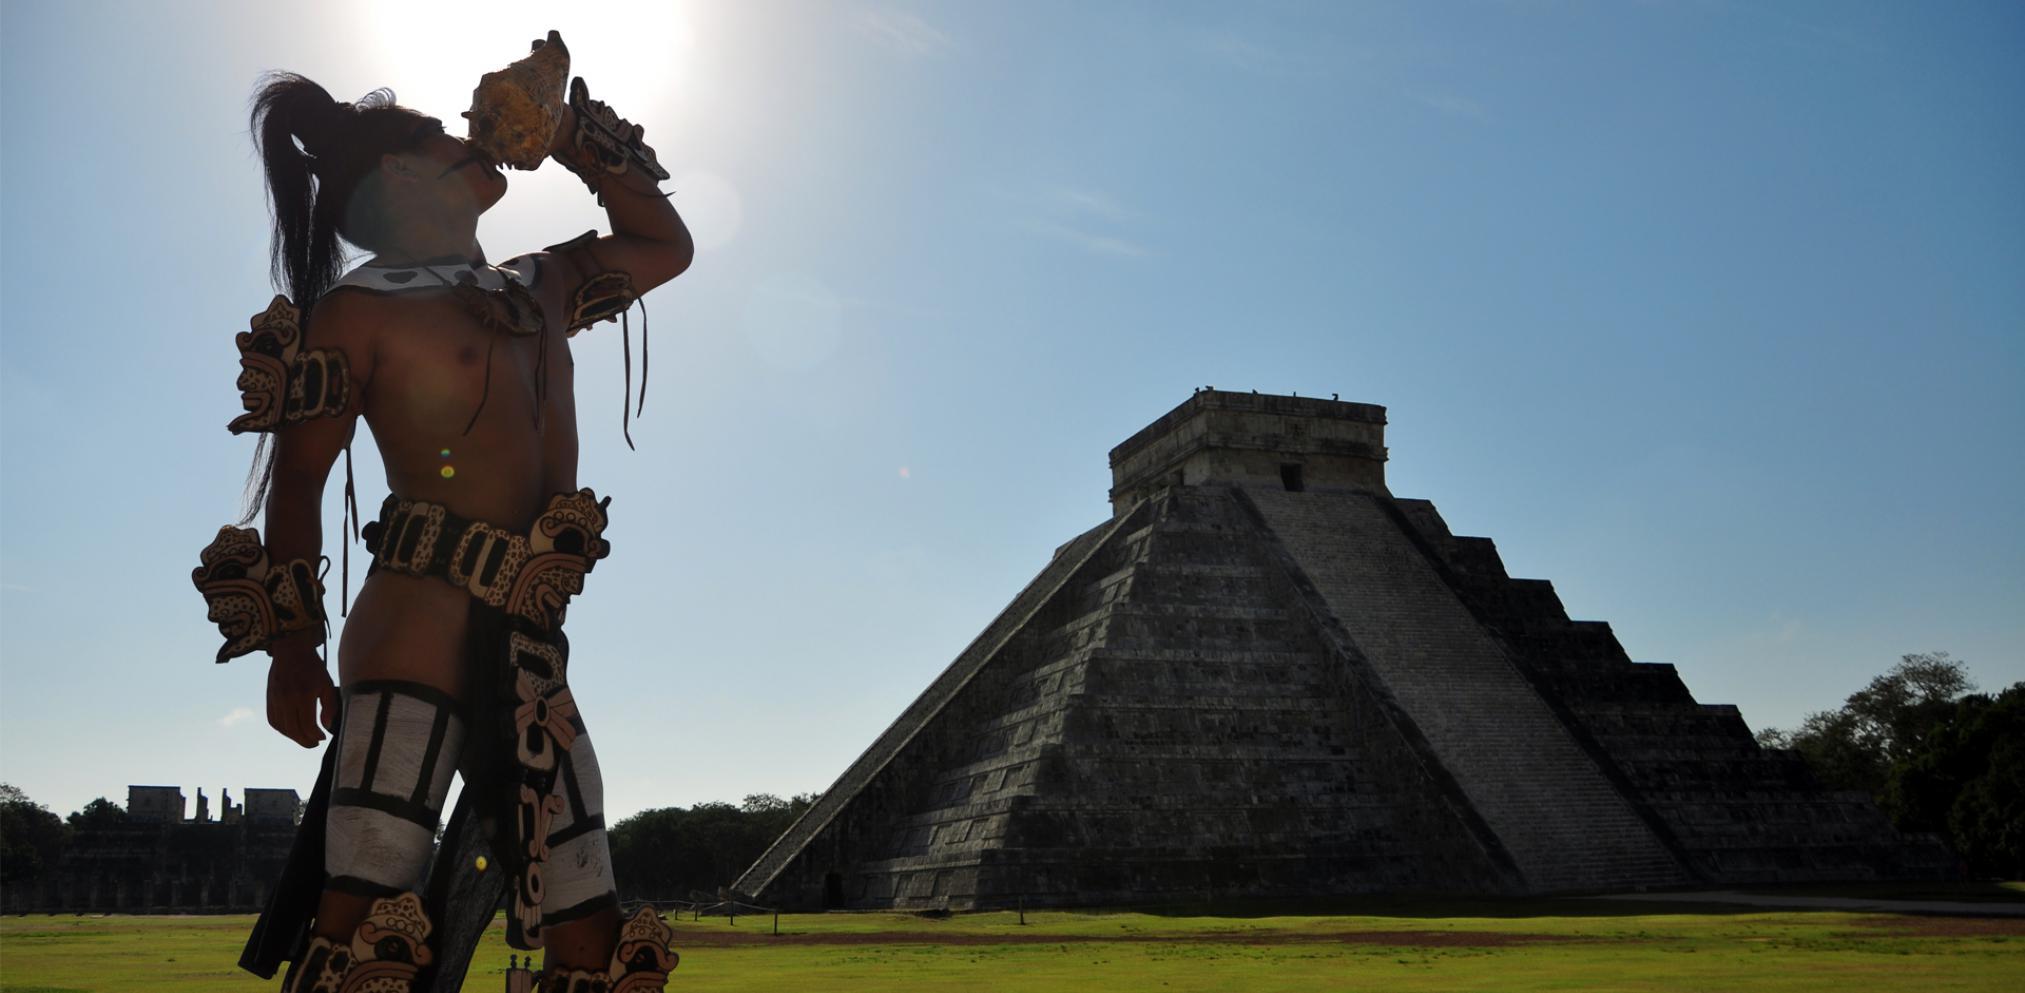 Estarían EPN y esposa en homenaje a Manzanero en Chichén Itzá